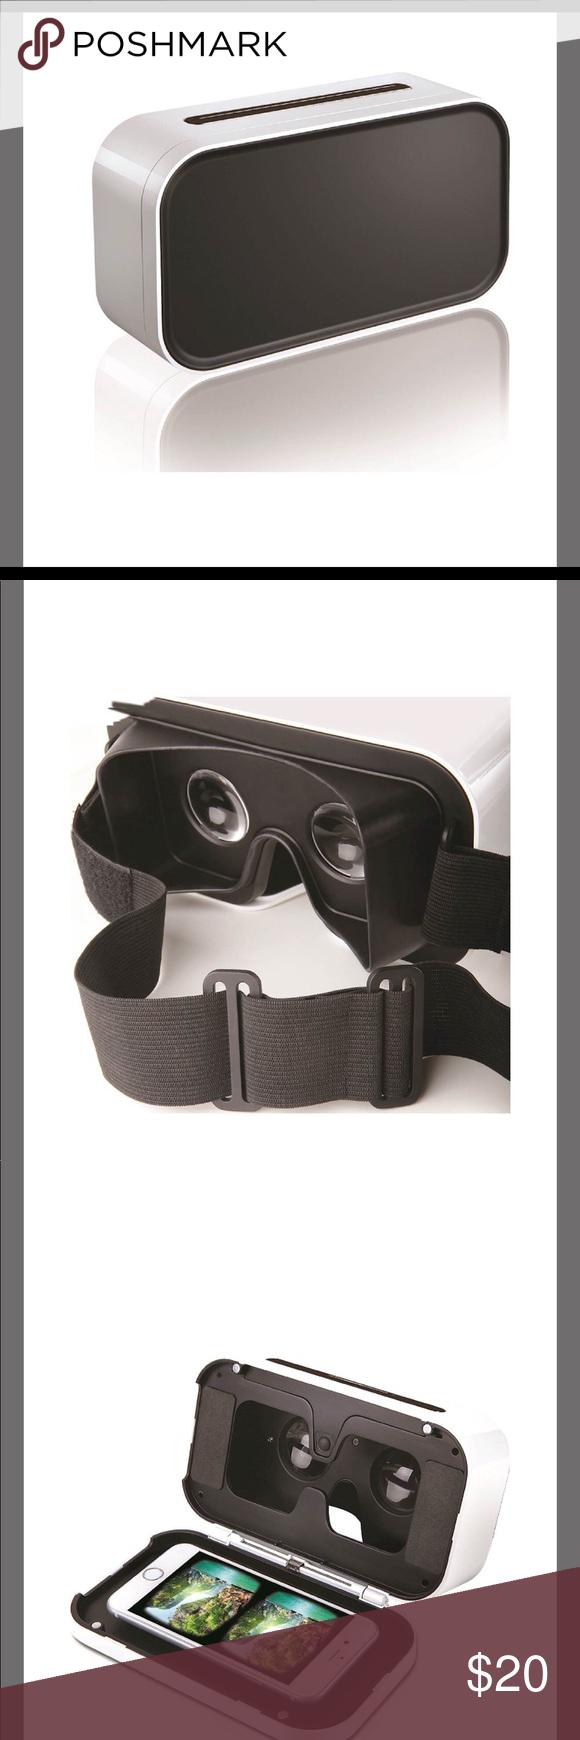 Sharper Image Virtual Reality Viewer 360 Degree Nwt Virtual